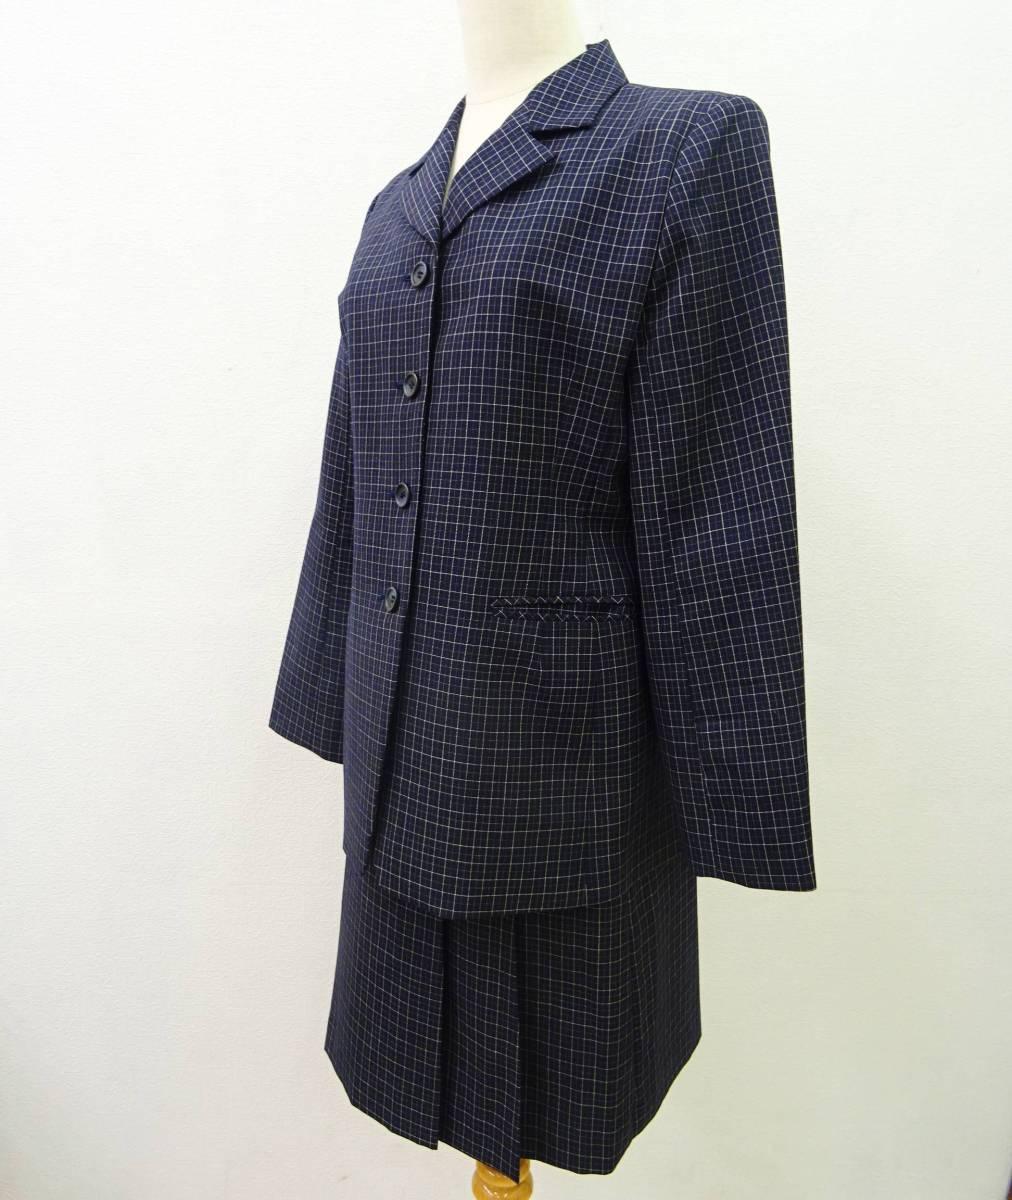 日本製 OLIVE des OLIVE スーツ ジャケット プリーツスカート 膝丈 チェック セットアップ 上下 オリーブデオリーブ 紺 M レディース C811_画像1